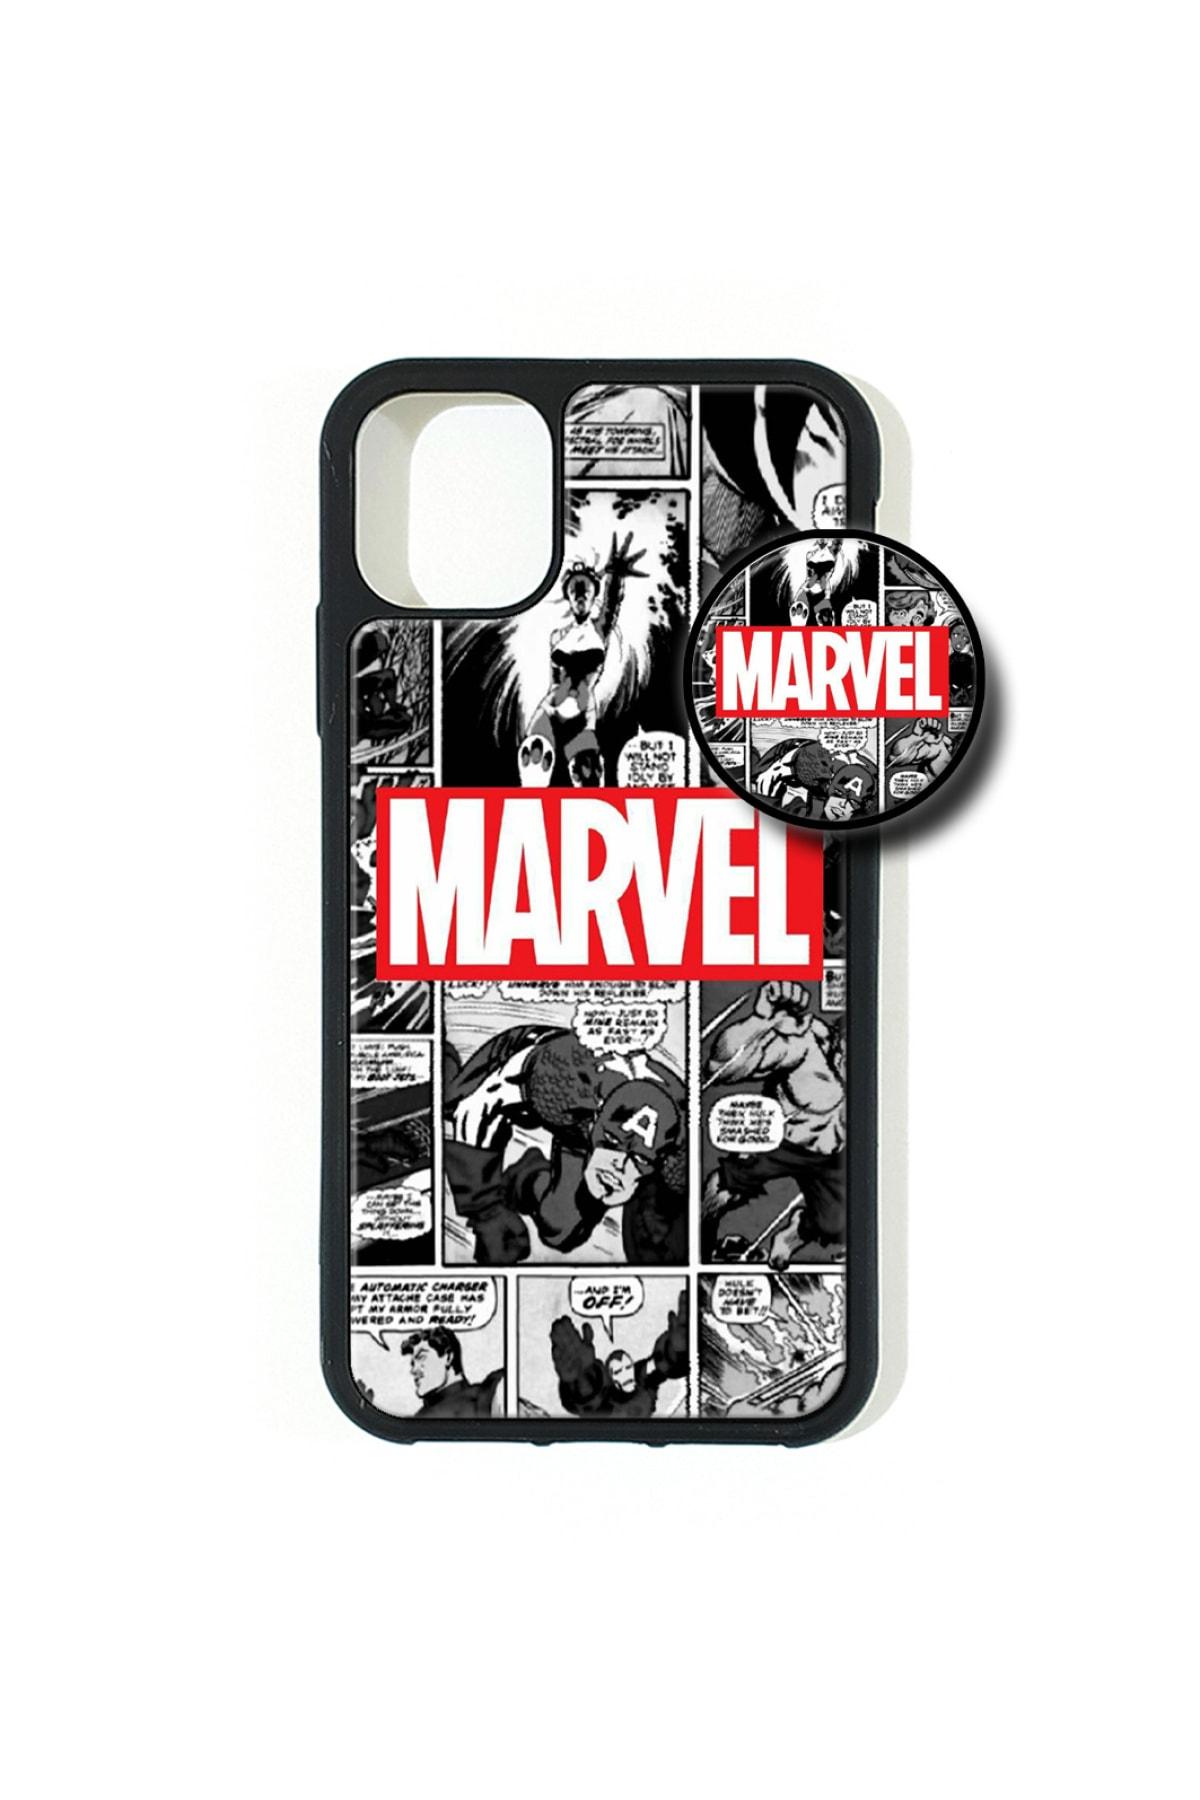 AVS KILIF Iphone 11 Pro Max Uyumlu Marvel Popsocketli Kılıf Epoksi & Silikon Arka Kapak 1